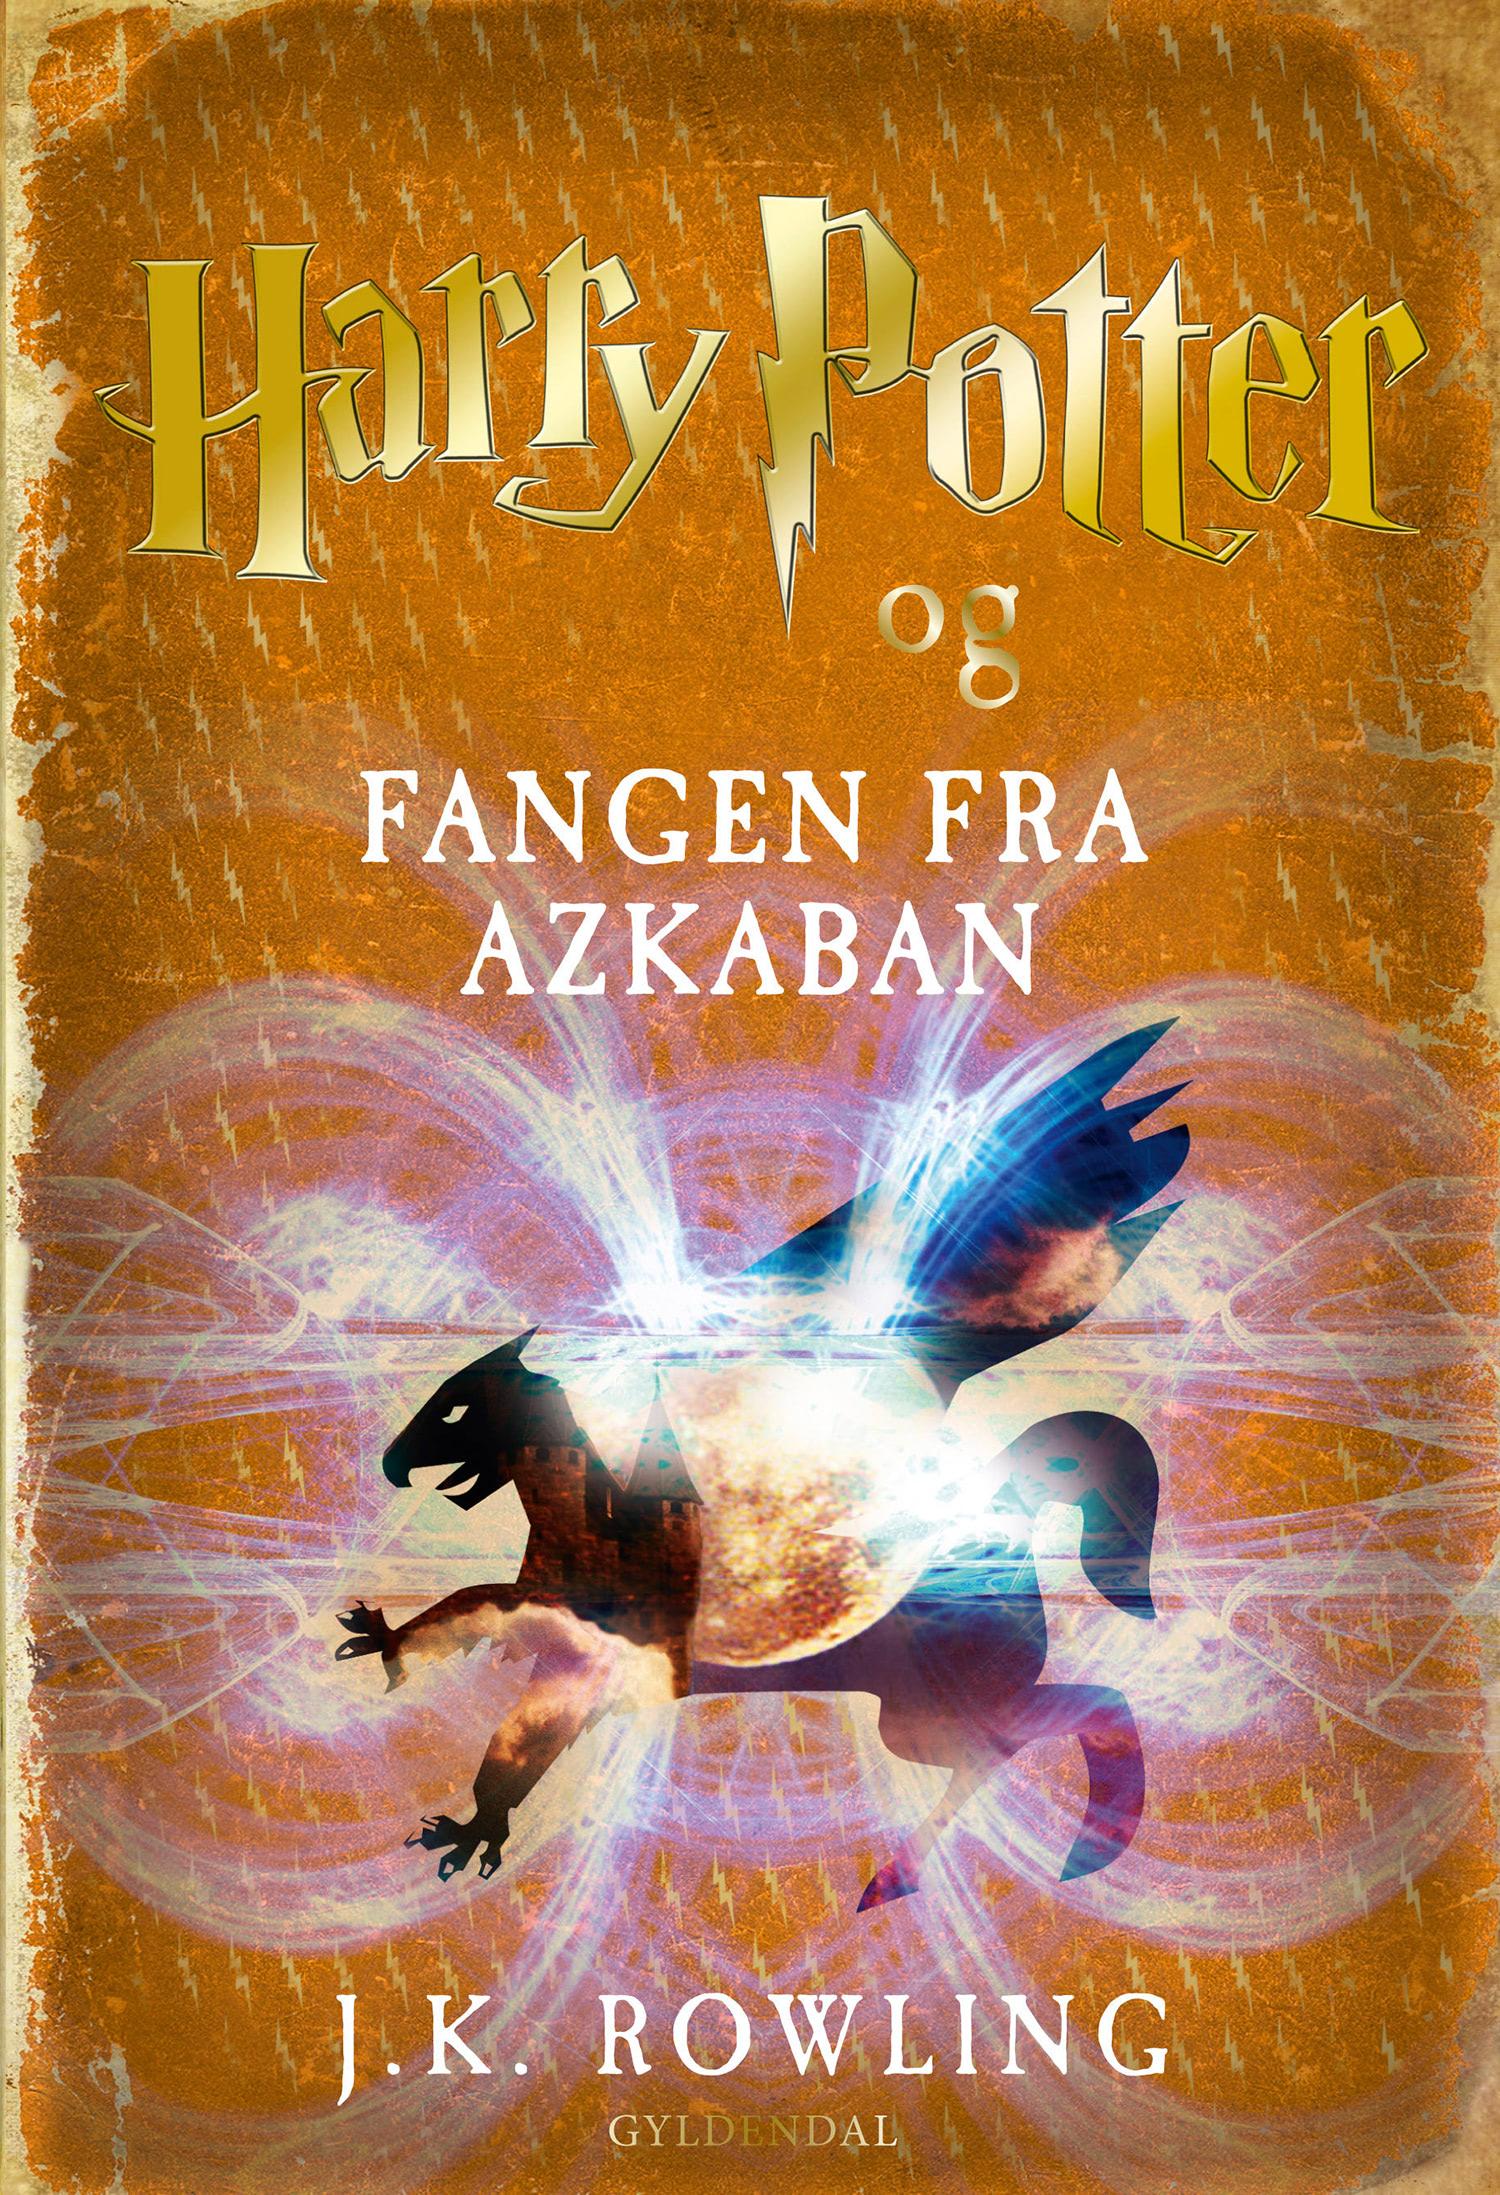 'Prisoner of Azkaban' Danish edition (2012)